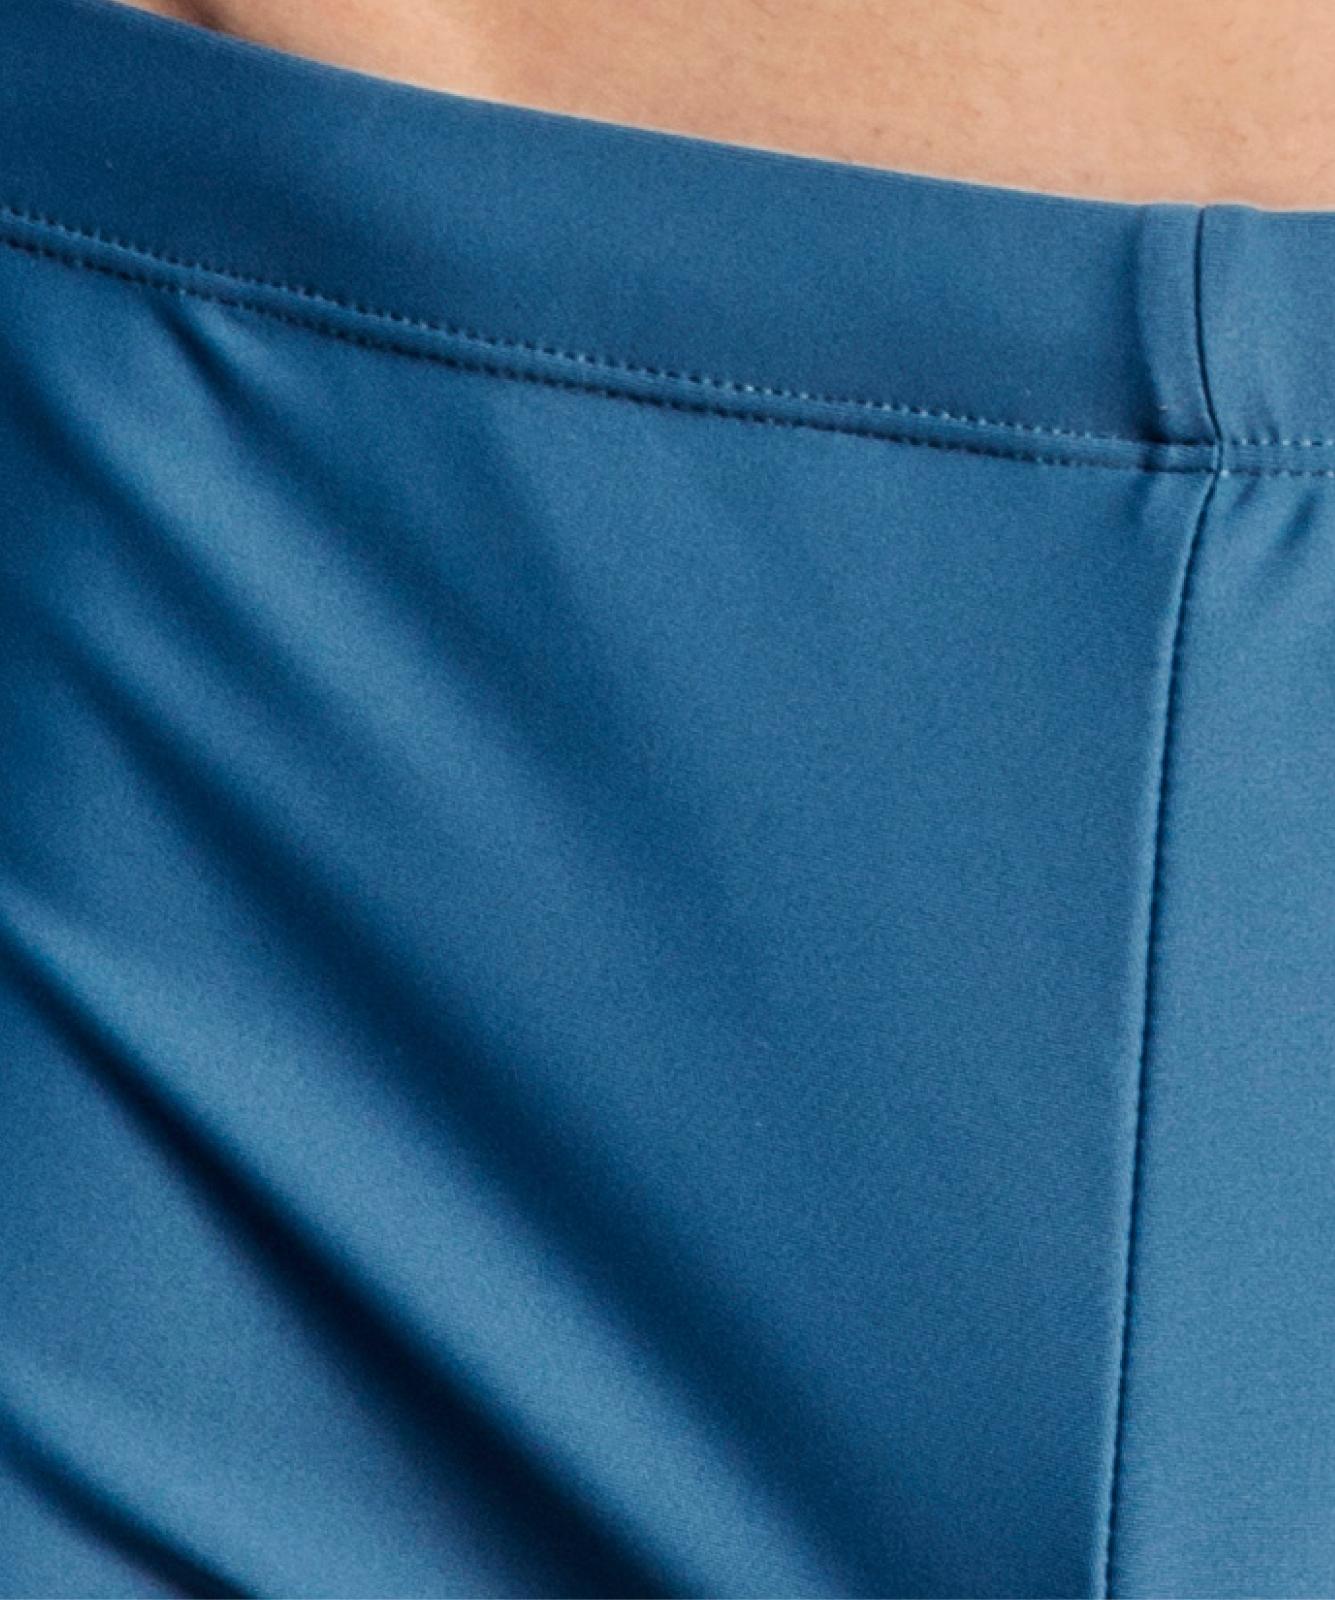 Купальные шорты мужские Atlantic, 1 шт. в уп., полиамид, графит, KMS-310